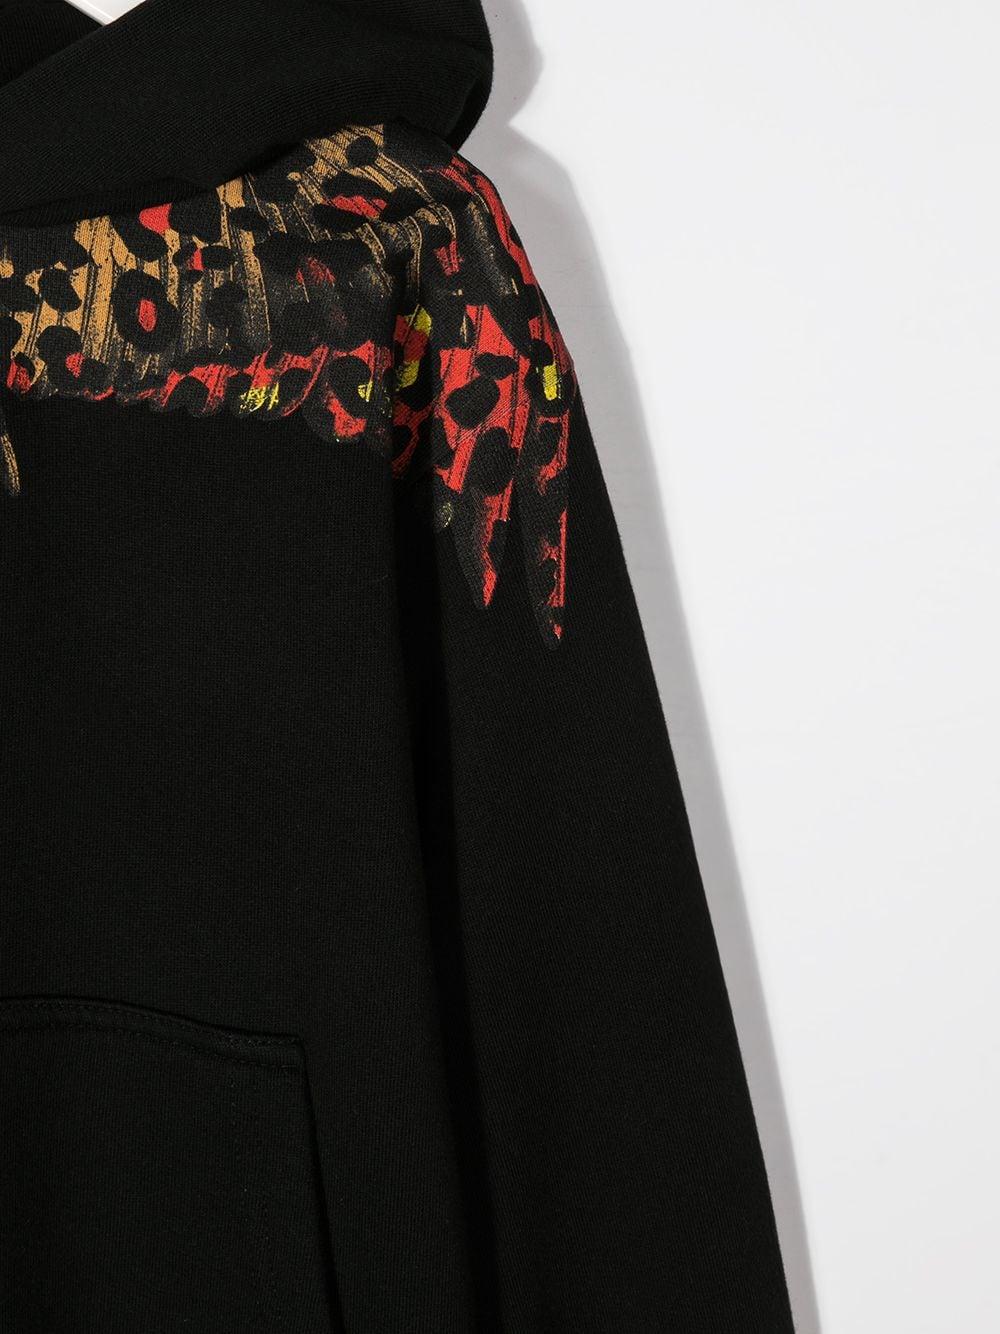 Marcelo burlon | Sweatshirt | MB21000020B010